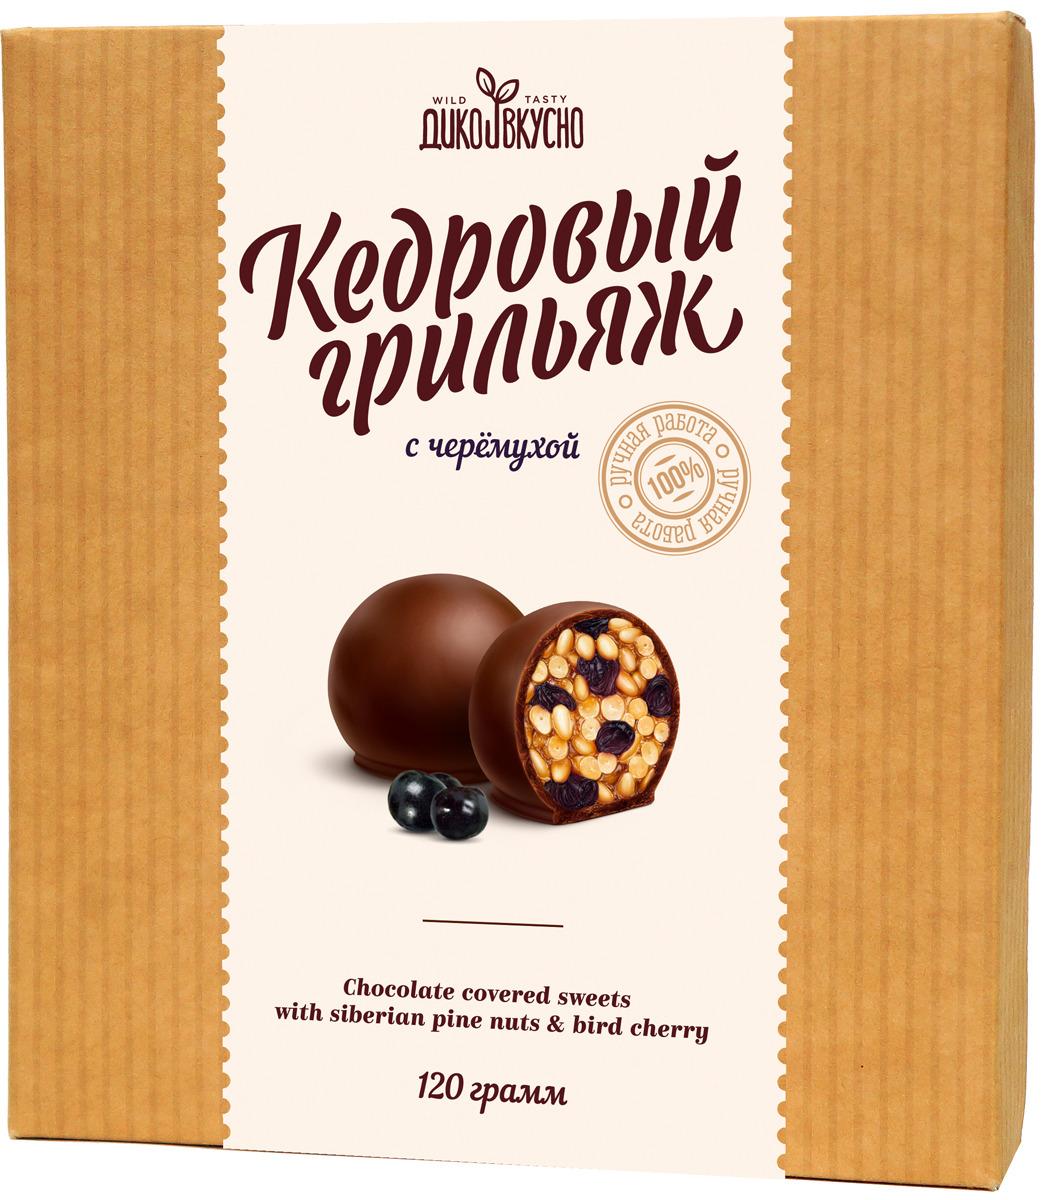 Грильяж кедровый Дико Вкусно с черемухой в шоколадной глазури, 120 г дико вкусно грильяж кедровый в шоколадной глазури классический 13 г х 9 шт 120 г